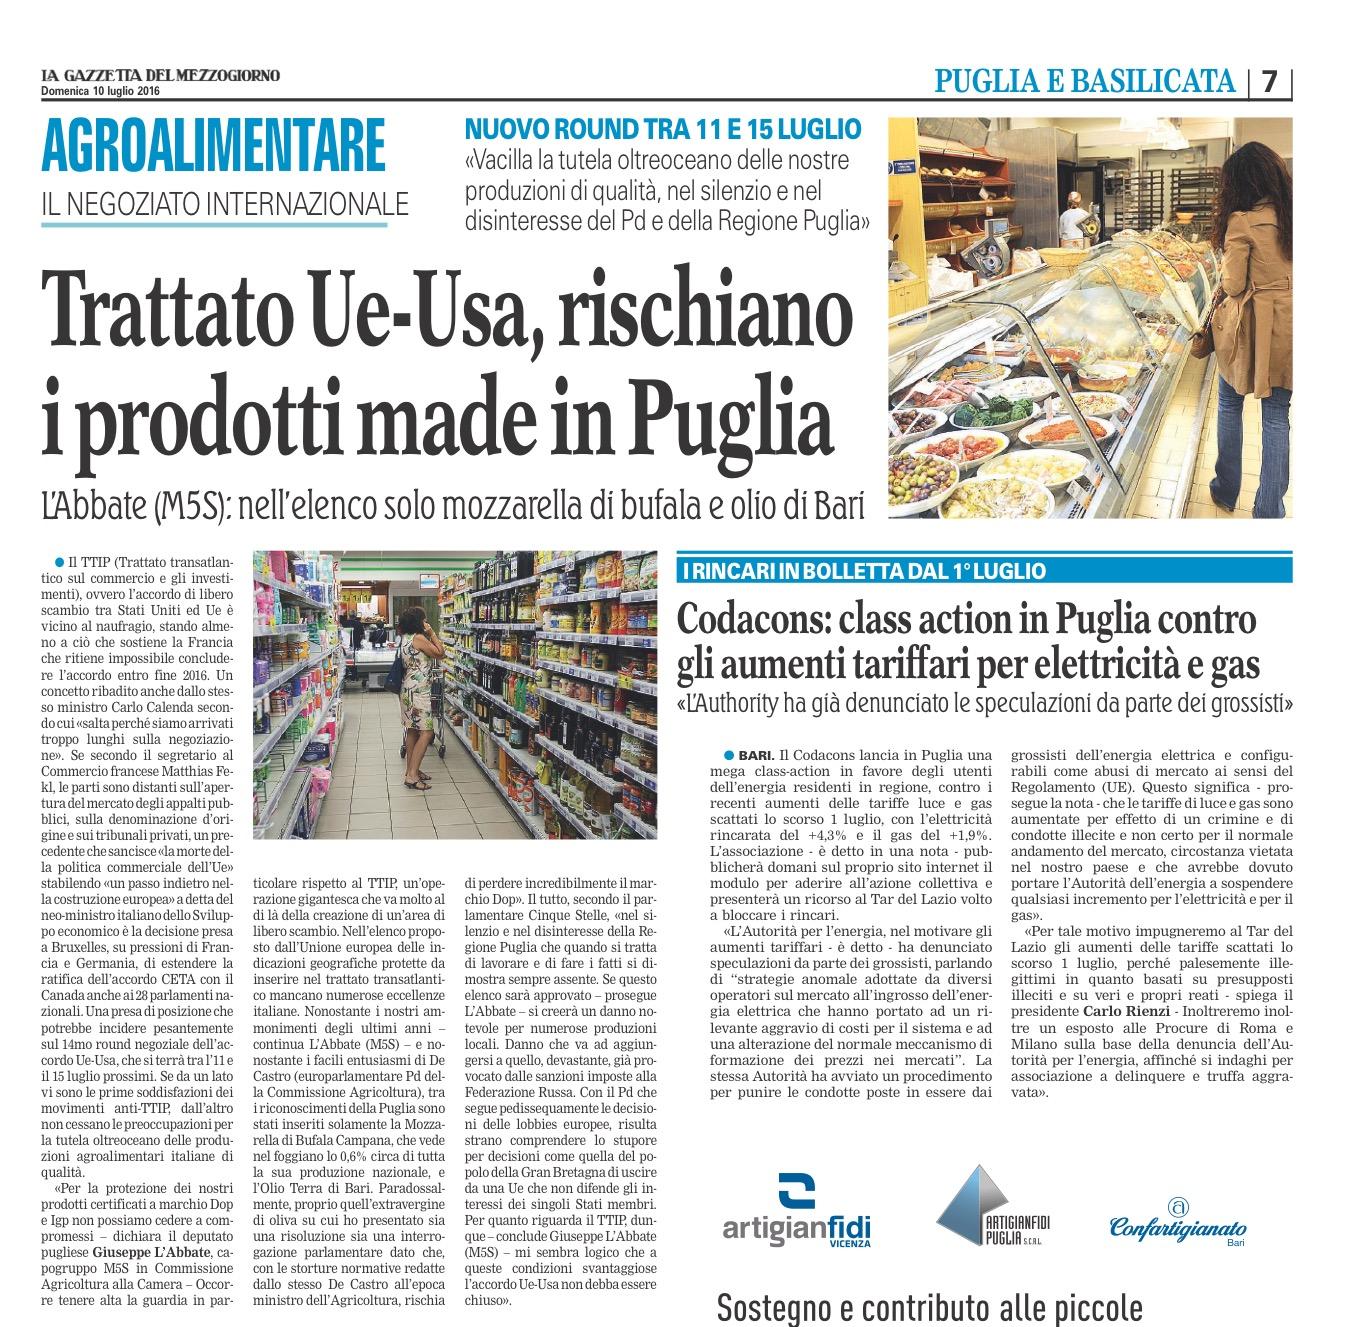 La Gazzetta del Mezzogiorno - 10.07.2016